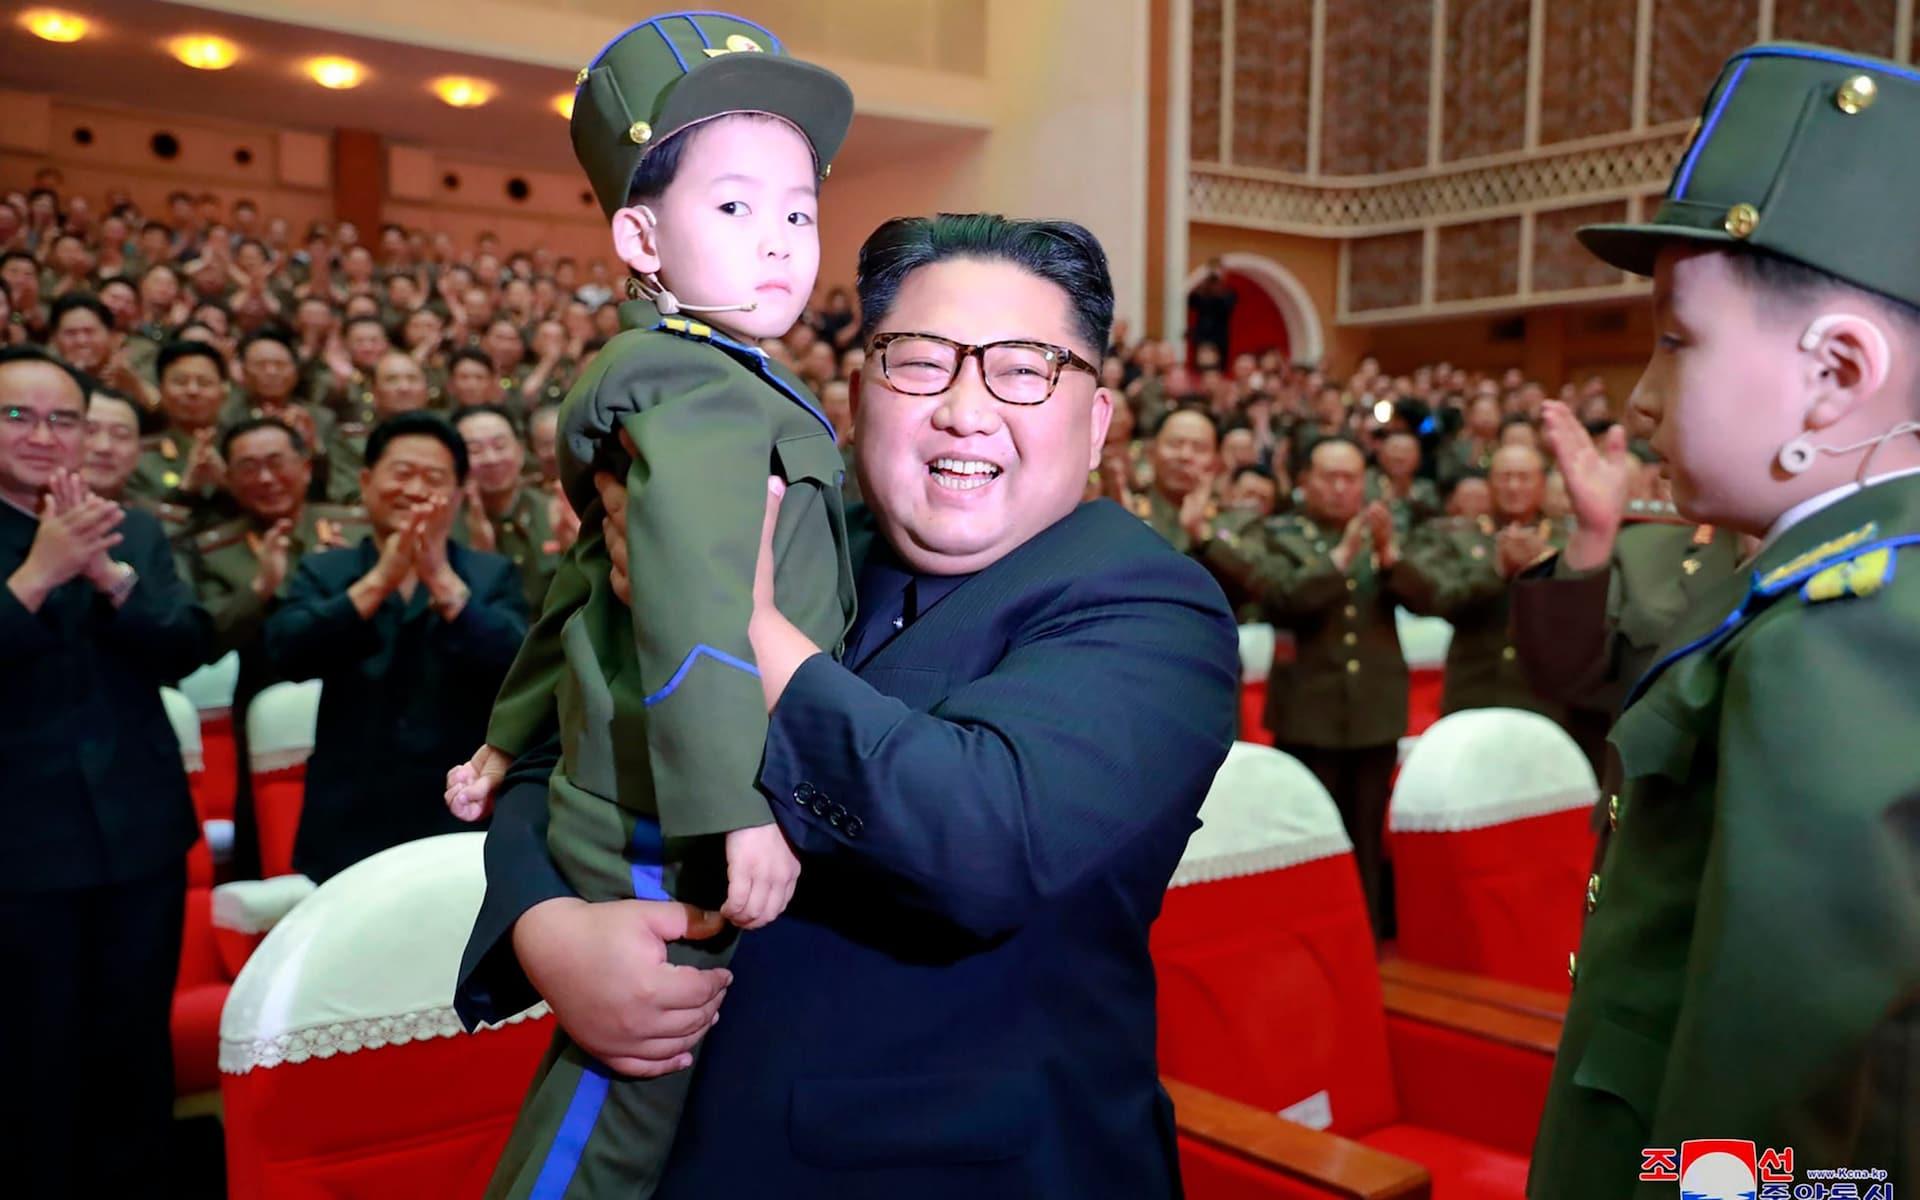 از رانندگی تا حمل کُلت کمری در ۱۱ سالگی/ ادعاهای خبرنگار واشنگتنپست درباره رهبر کرهشمالی در کتاب جدیدش+تصاویر